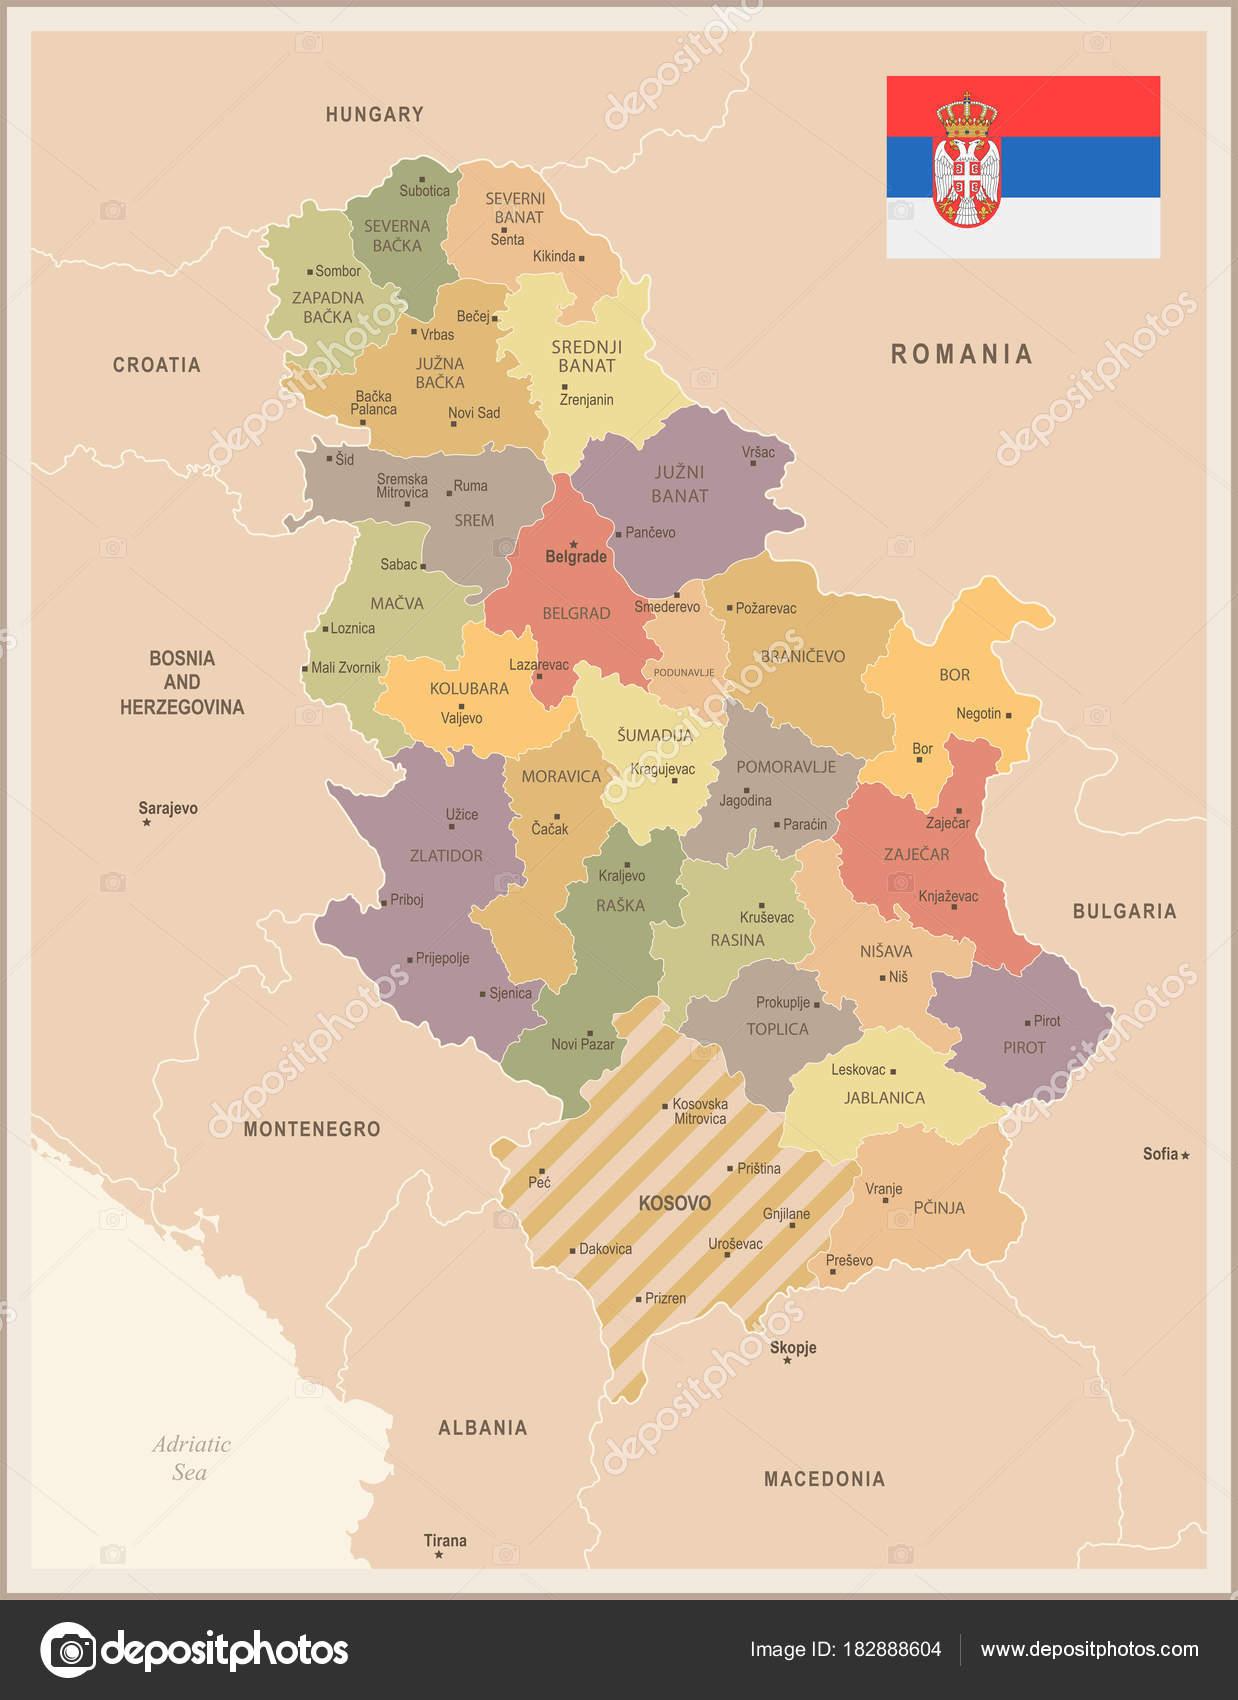 Serbia mapa vintage y bandera detallada vector ilustracin serbia mapa vintage y bandera detallada vector ilustracin vector de stock gumiabroncs Gallery